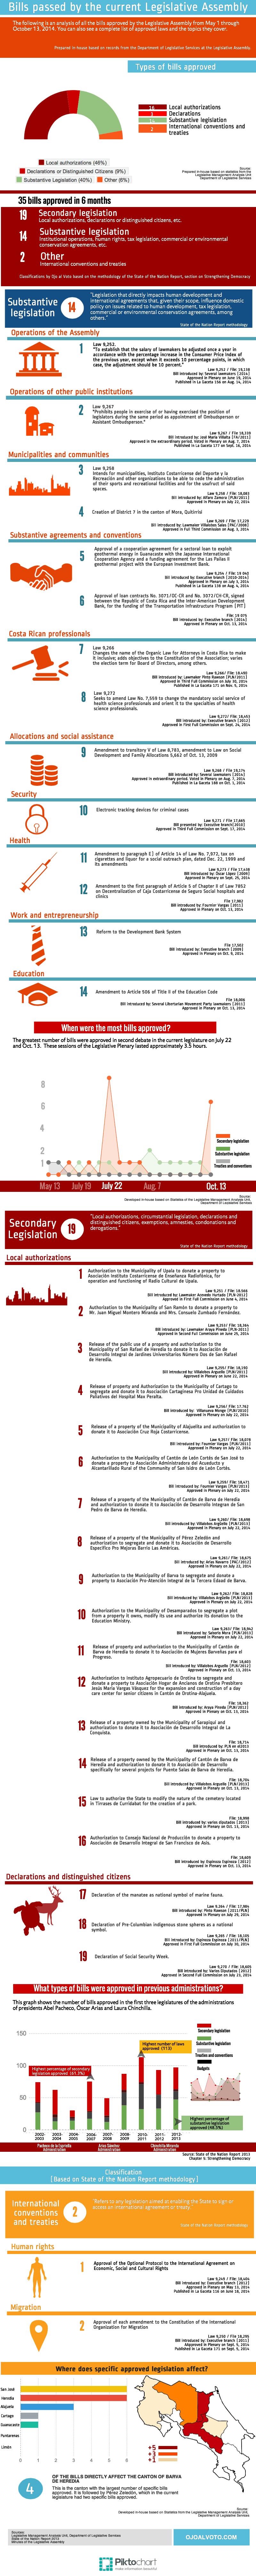 LegislativeBills